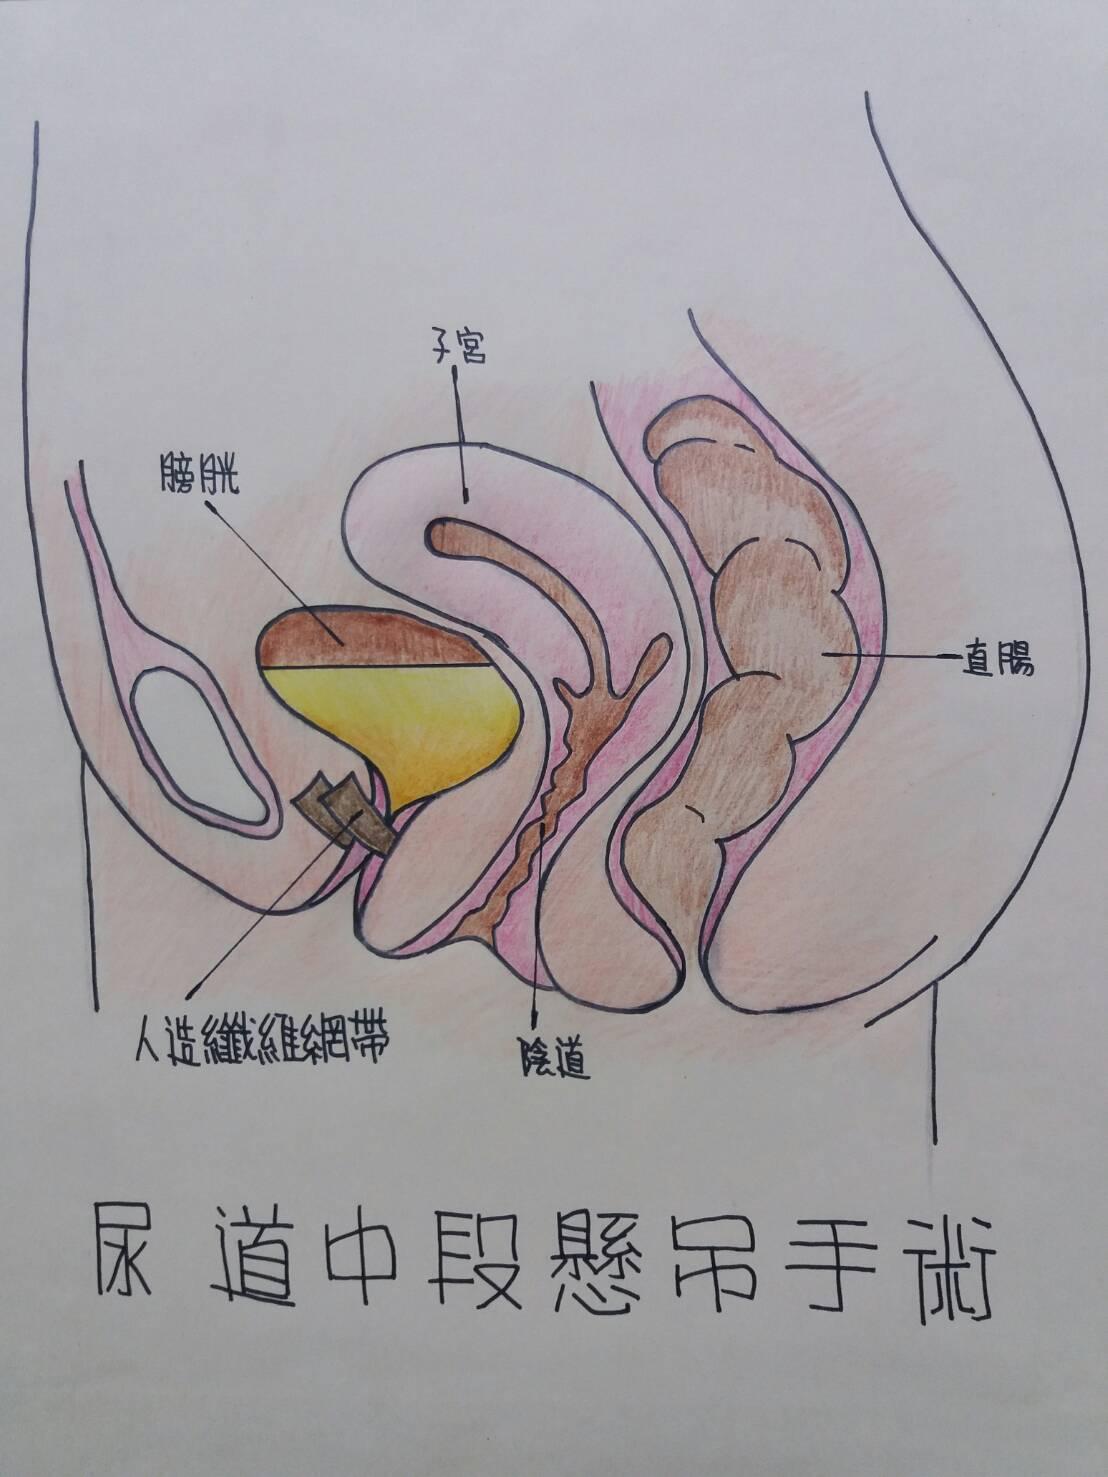 「尿道中段懸吊手術」將人造纖維網帶植入婦女中段尿道下組織,利用網帶纖維空隙與尿道...